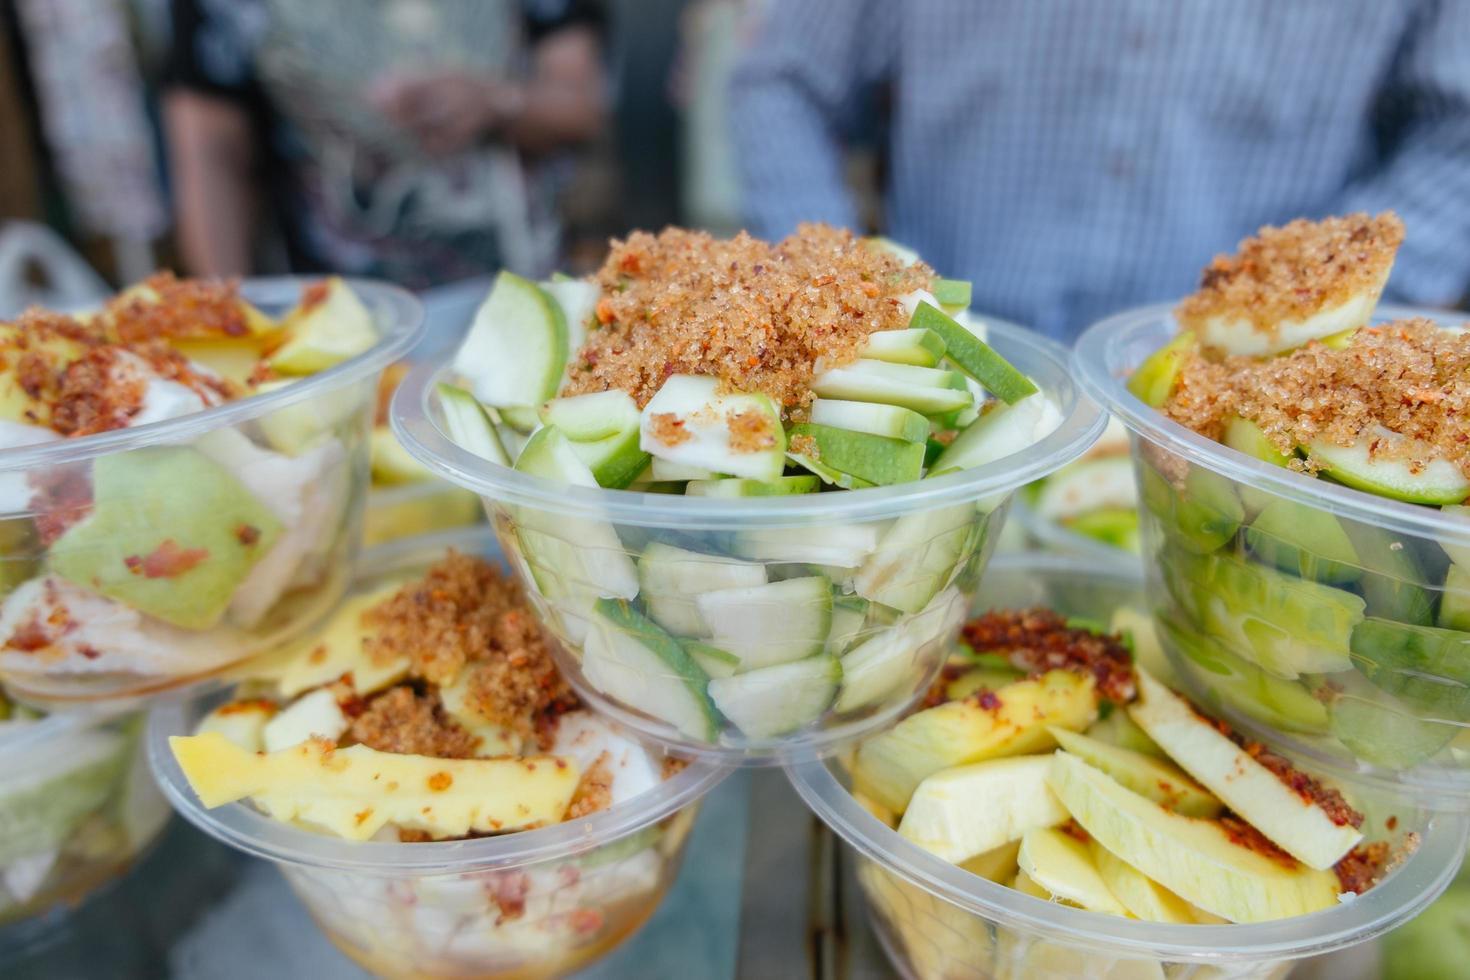 mangues aigres croustillantes fraîches pelées et tranchées photo